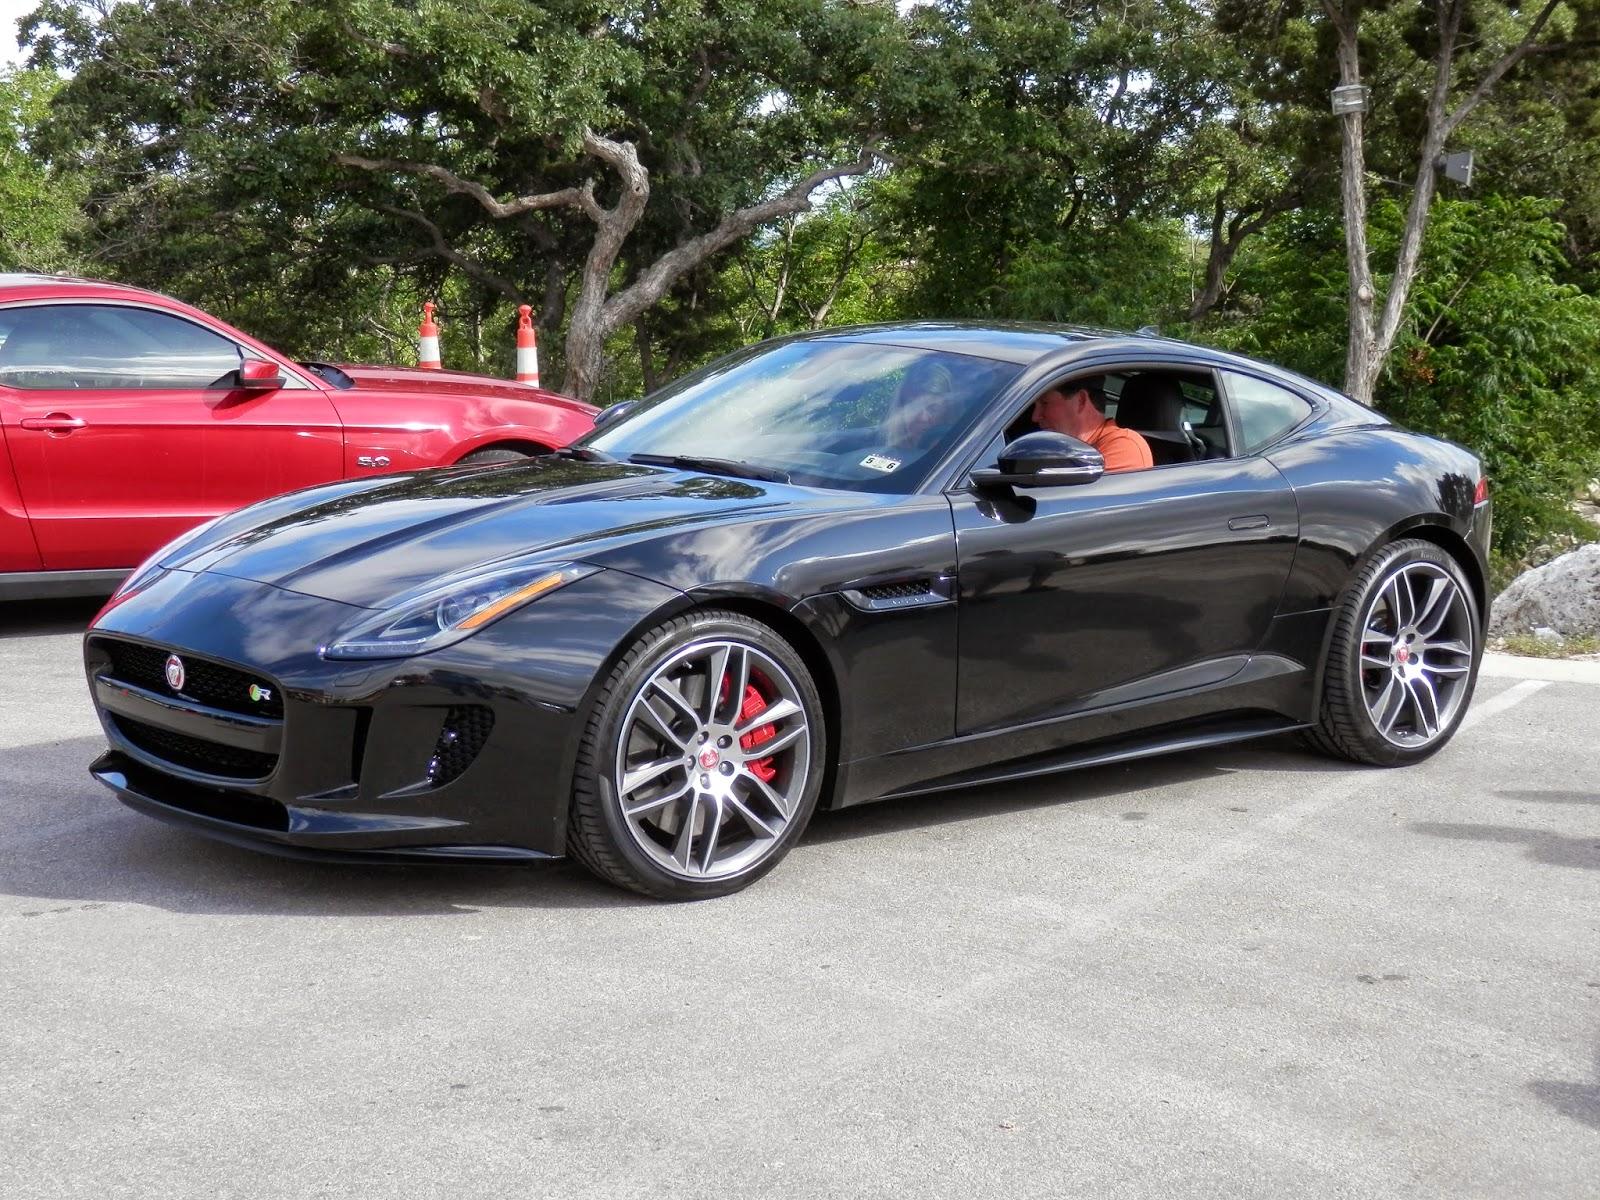 jaguar f type r coupe black - photo #1